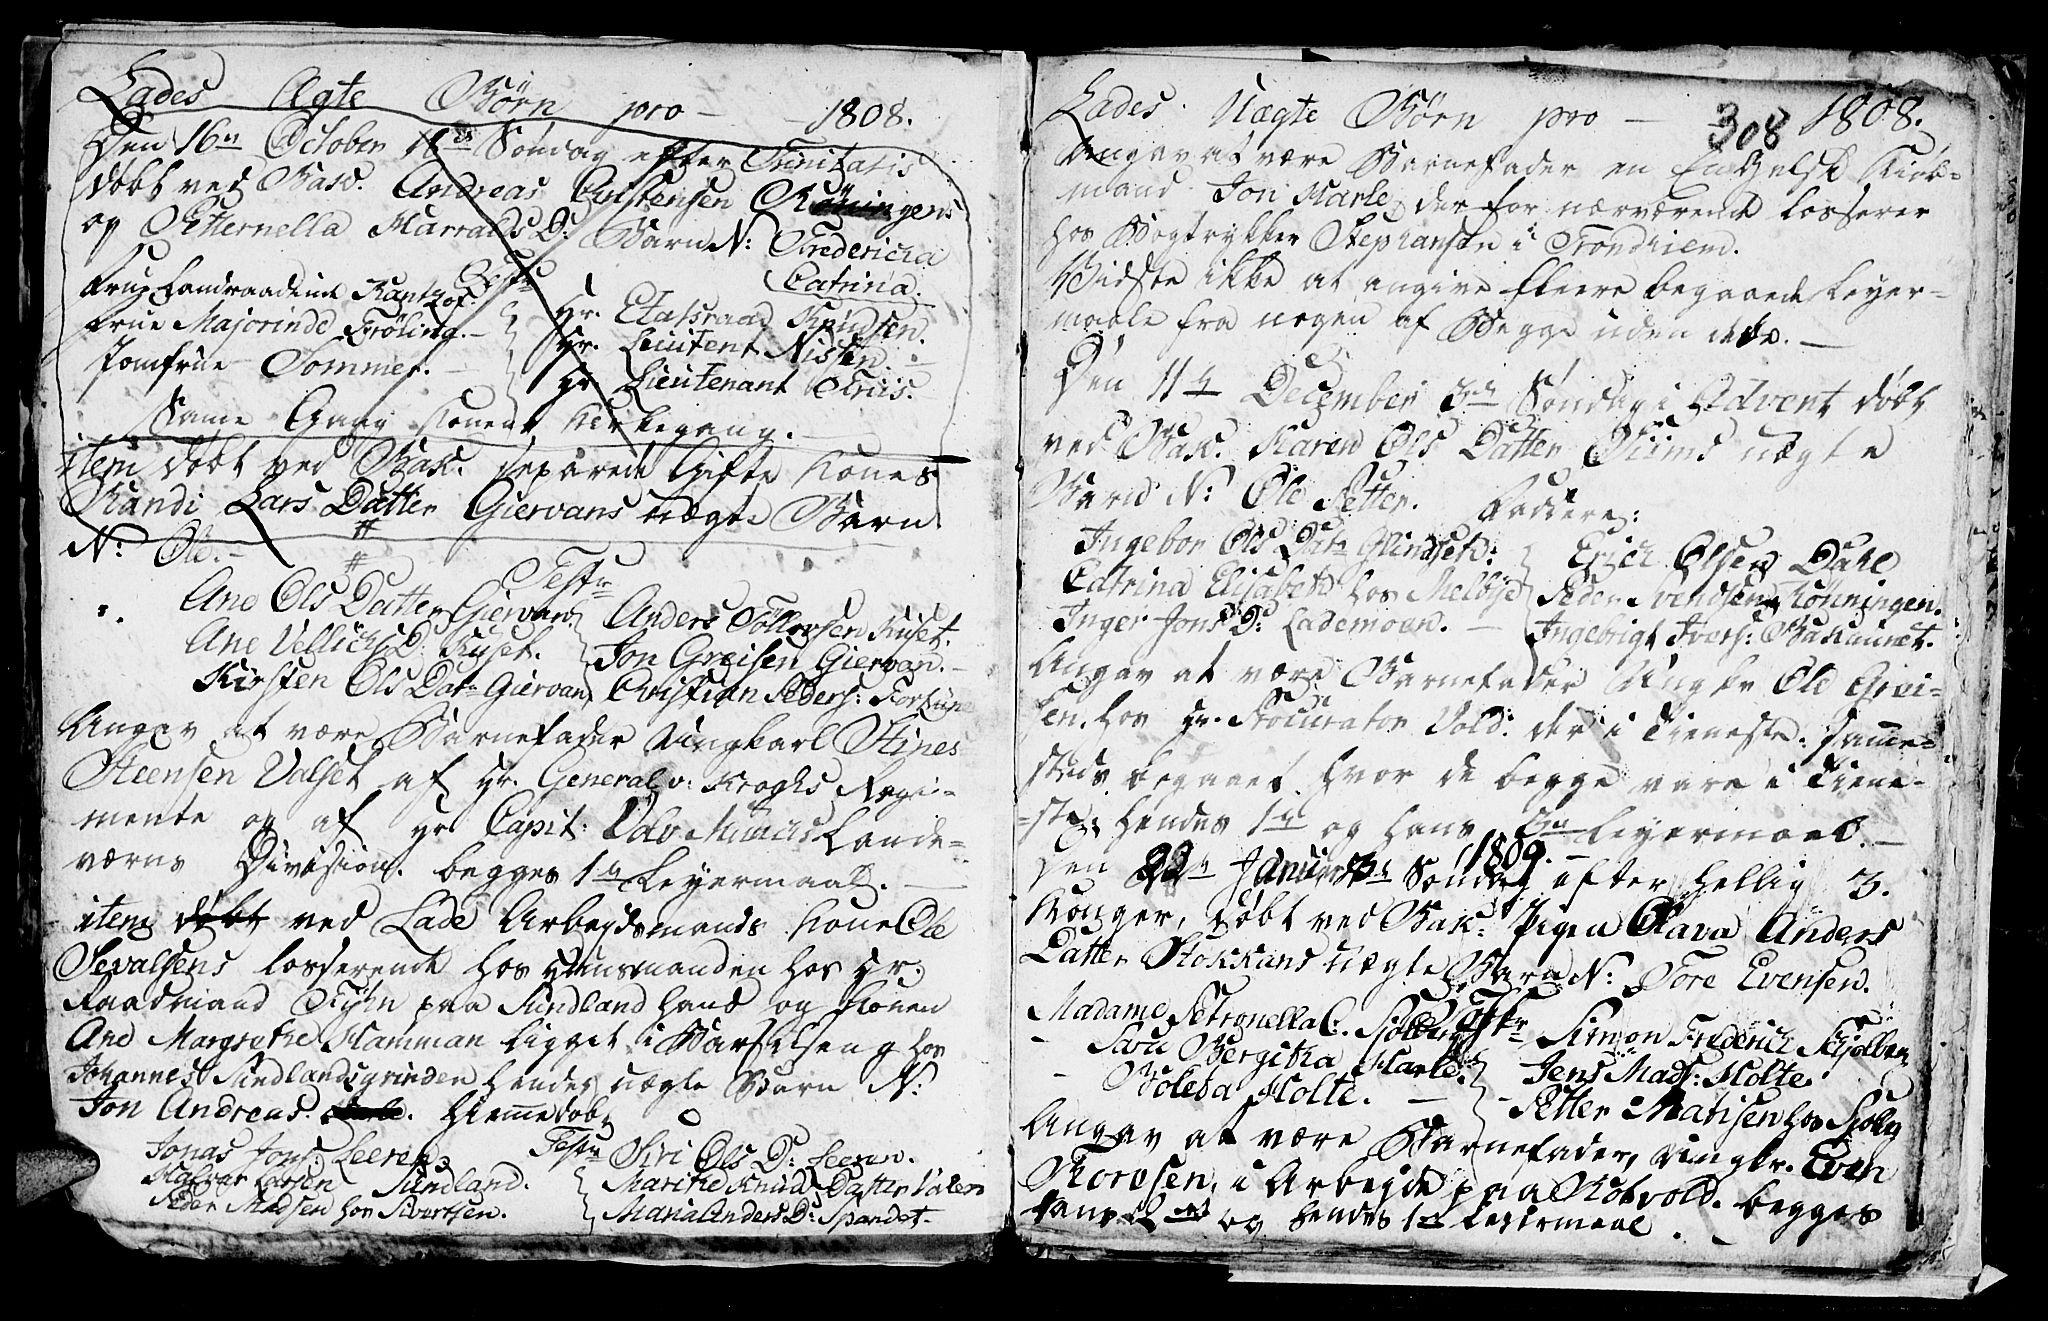 SAT, Ministerialprotokoller, klokkerbøker og fødselsregistre - Sør-Trøndelag, 606/L0305: Klokkerbok nr. 606C01, 1757-1819, s. 308